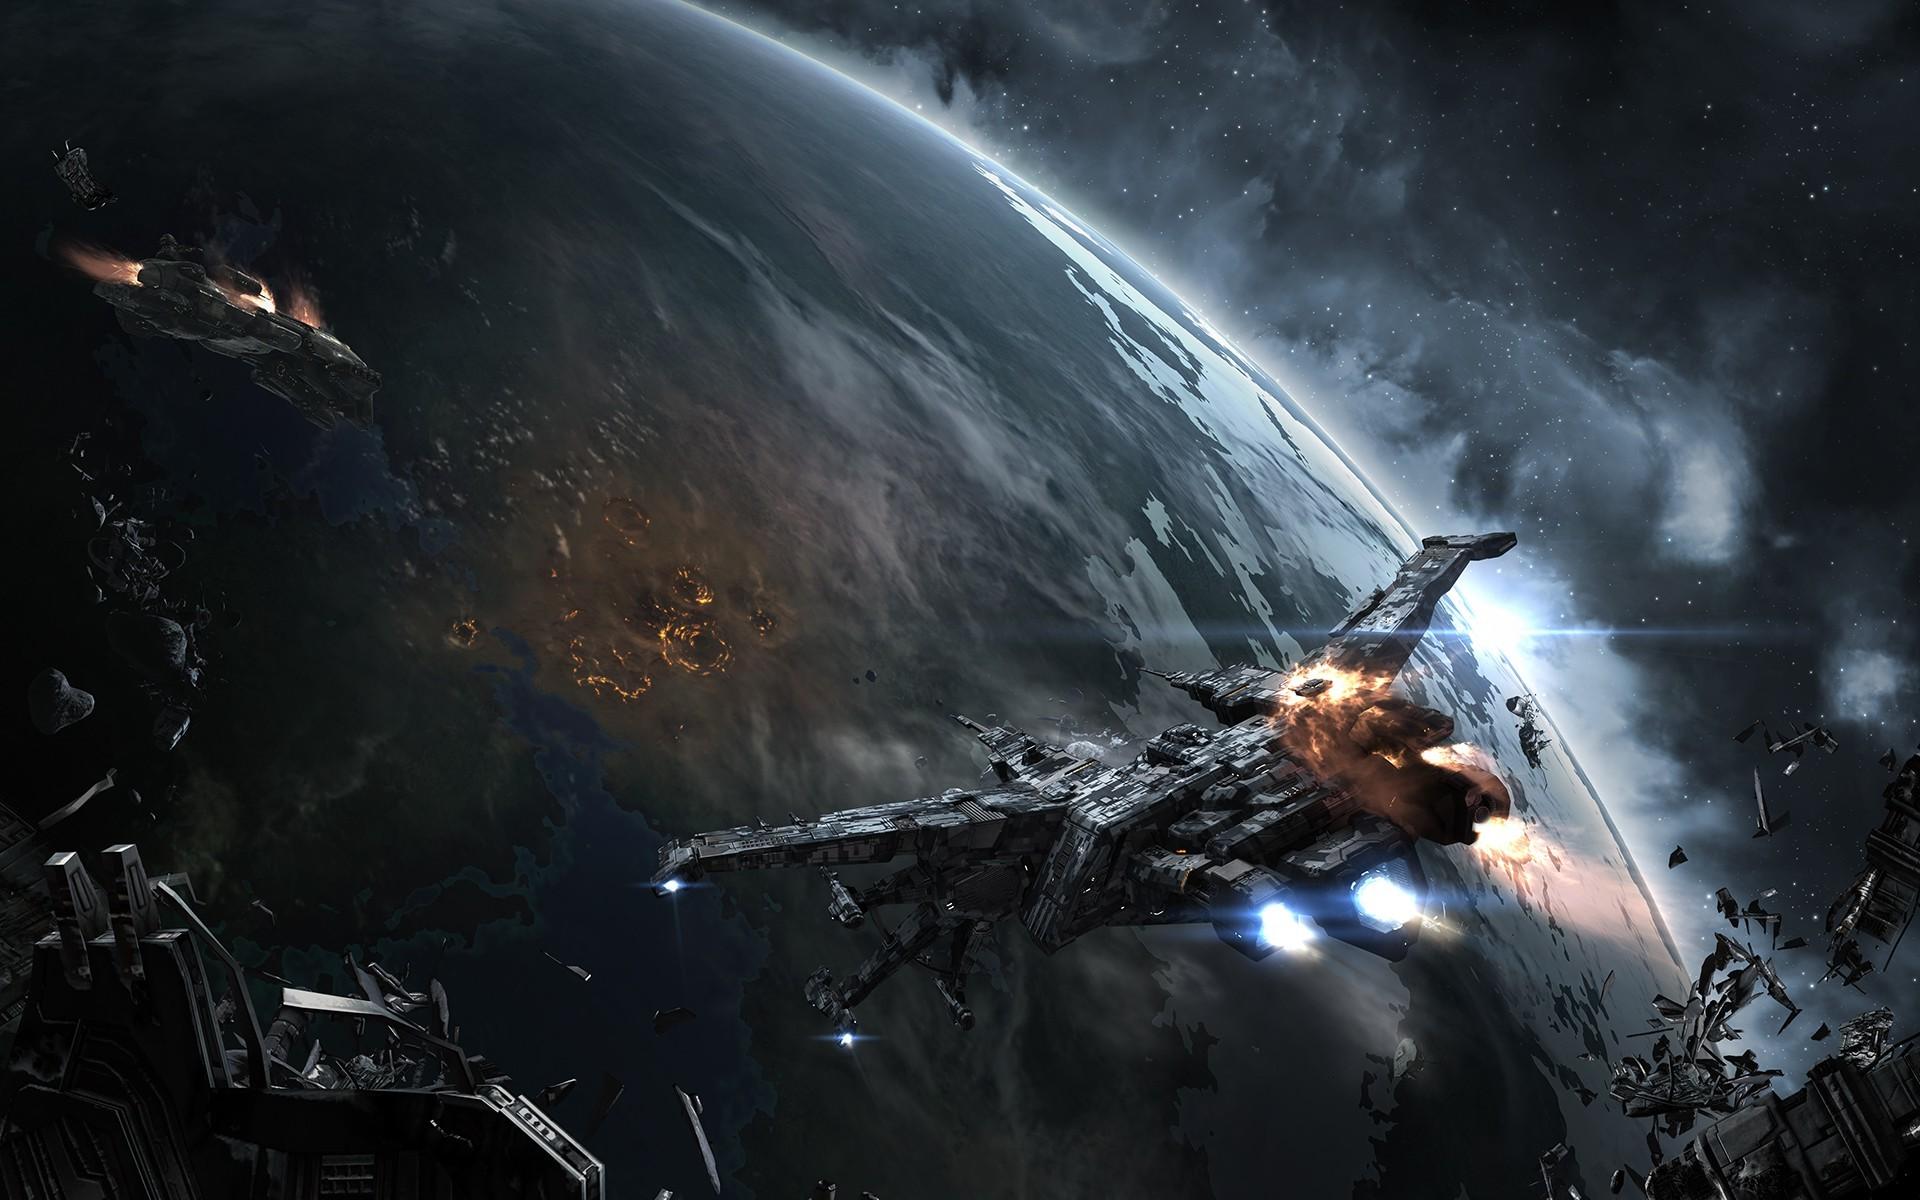 Eve Online Wallpaper (82+ Images